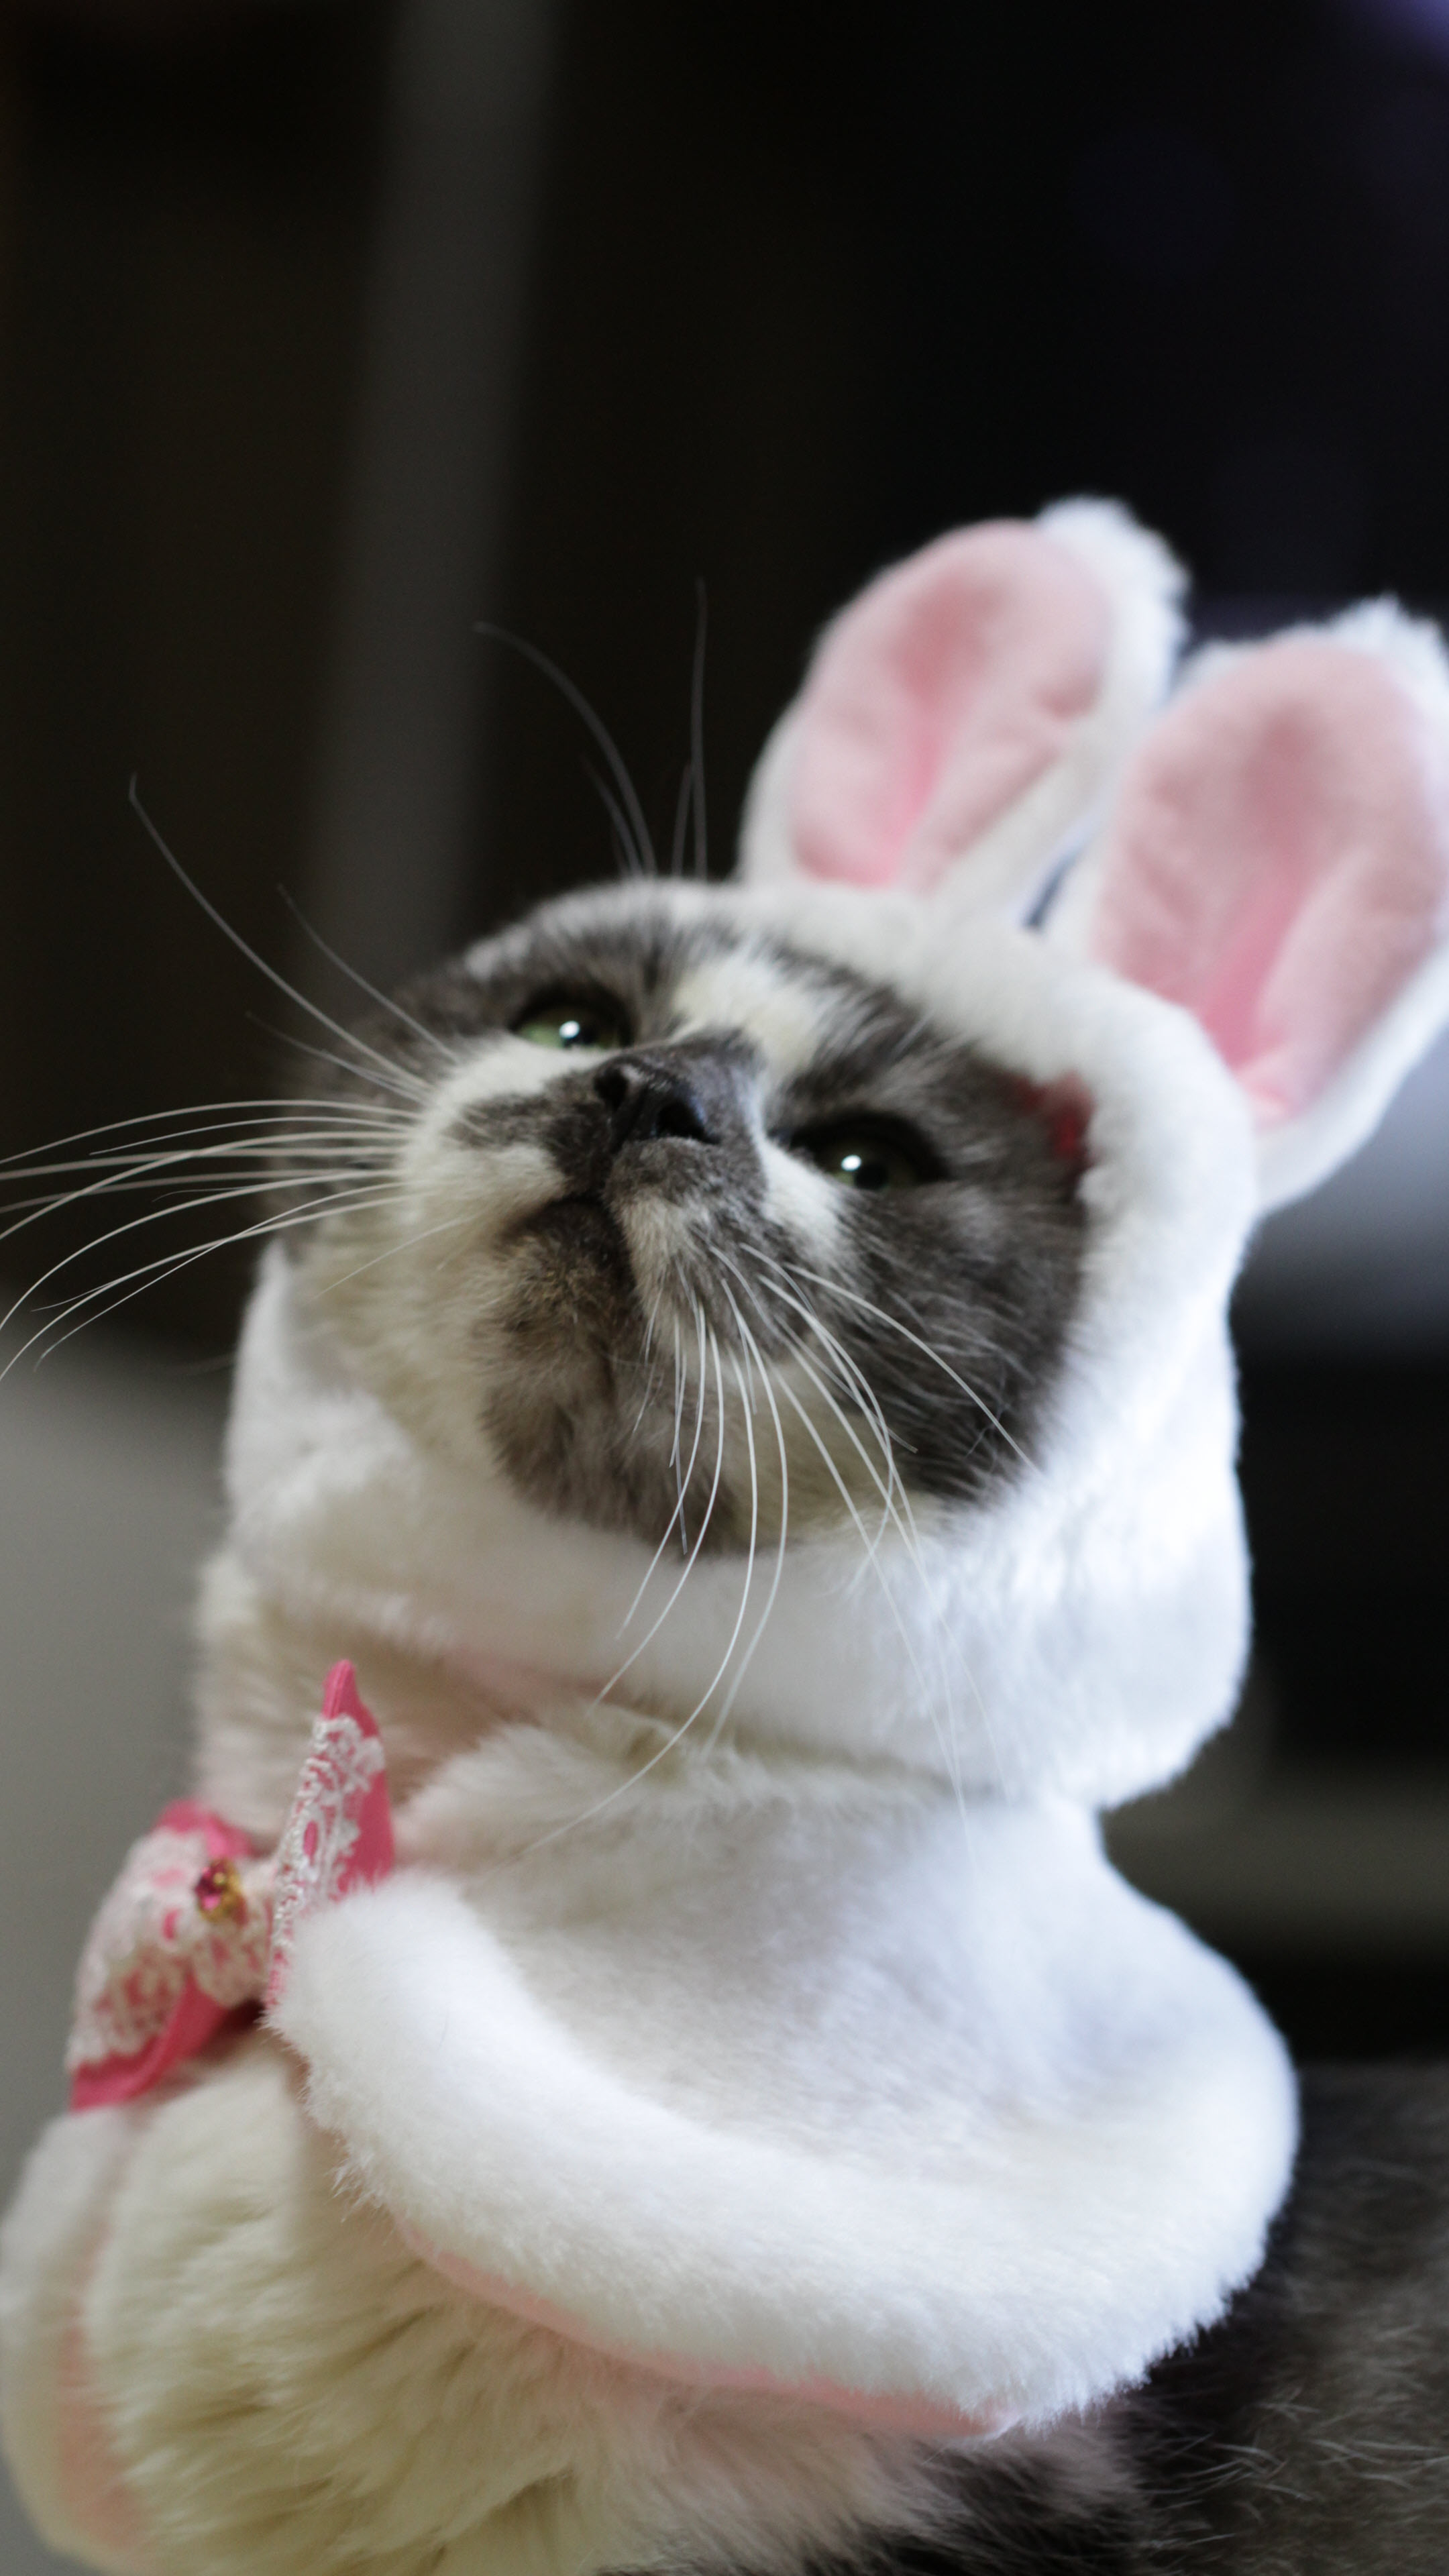 Ảnh nền điện thoại 4K mèo cute